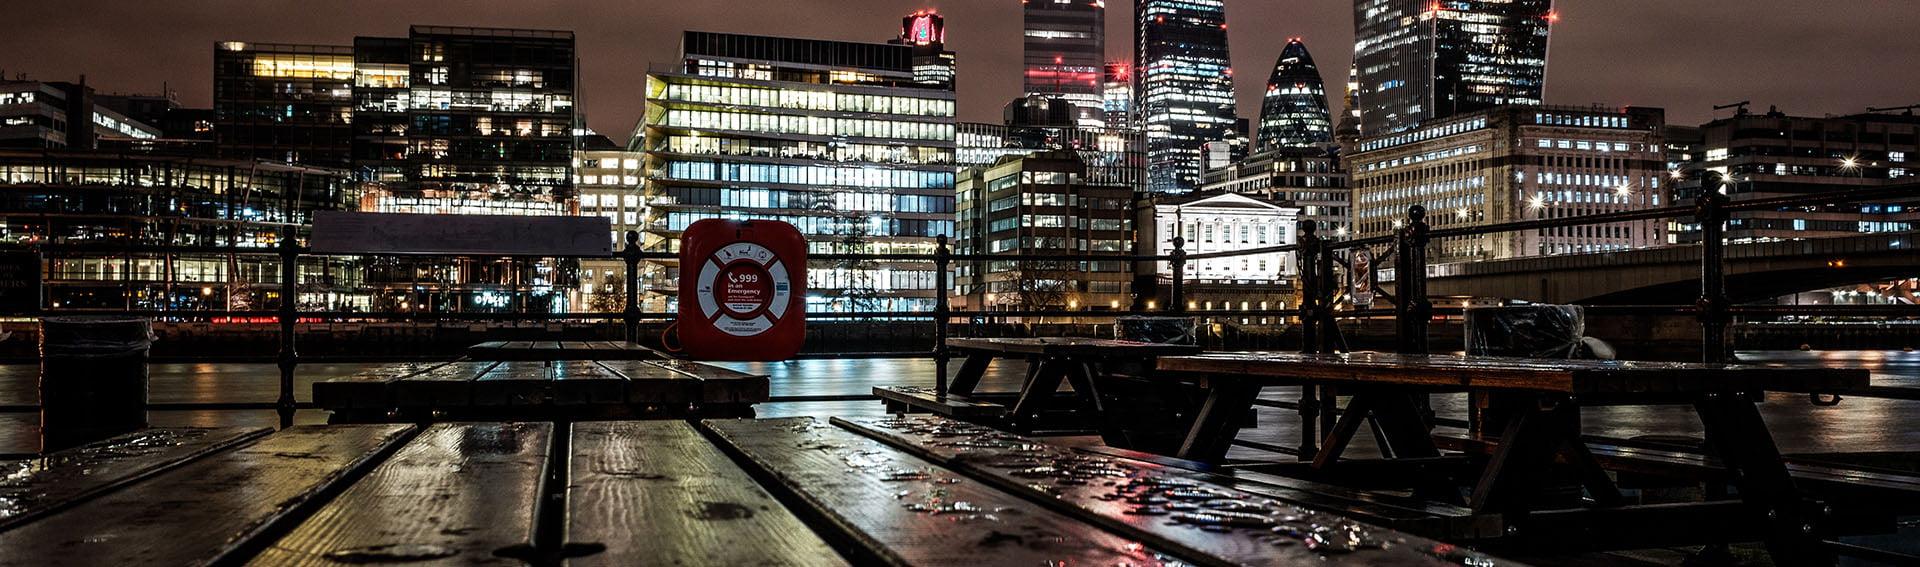 Panorama nachtfoto aan de Thames in Londen - Skyline kantorengebied in Londen